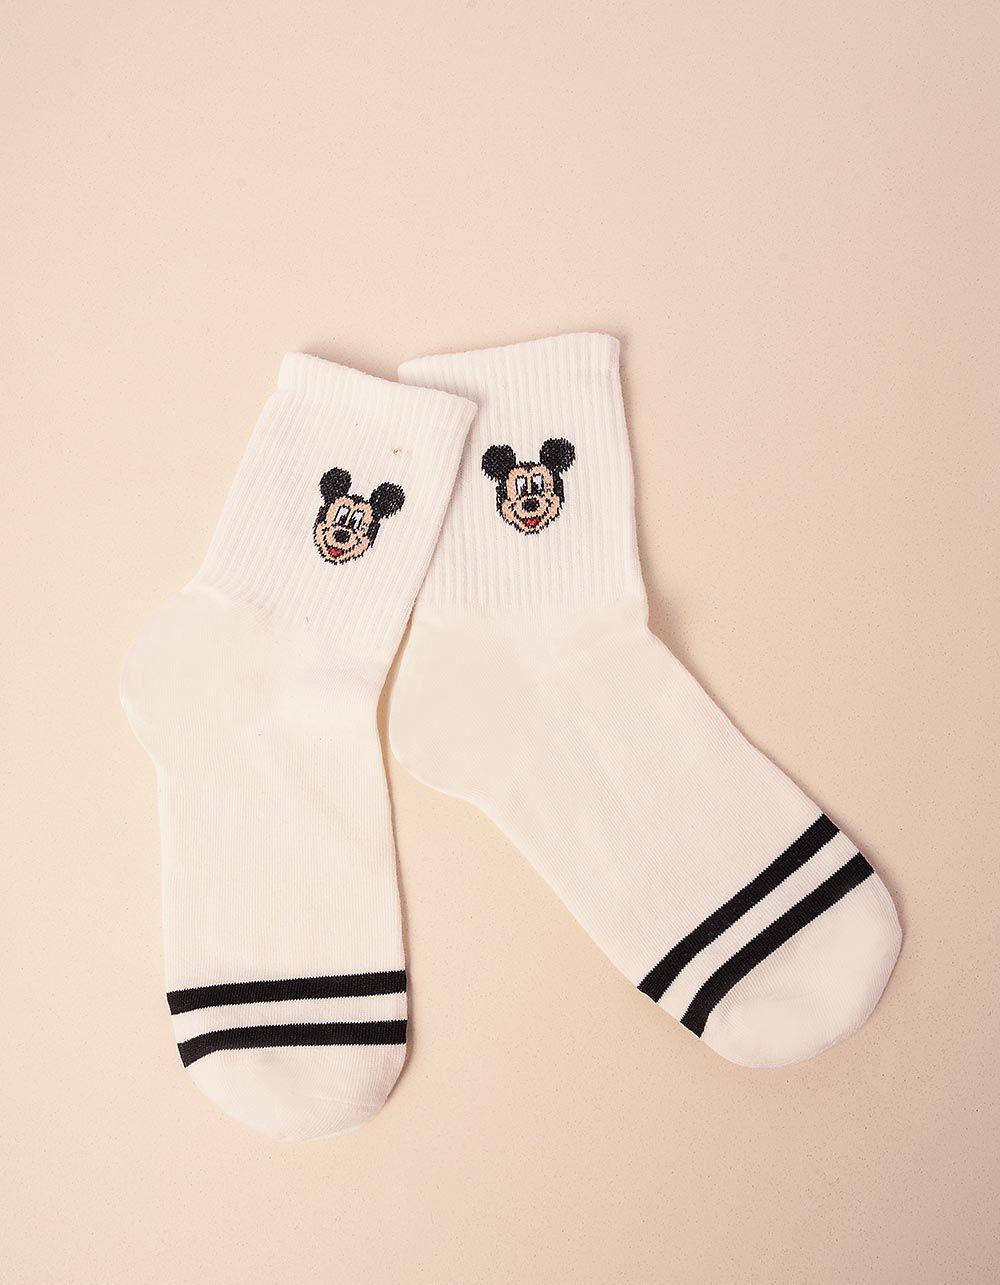 Шкарпетки з принтом мікі мауса у смужку | 238525-50-XX